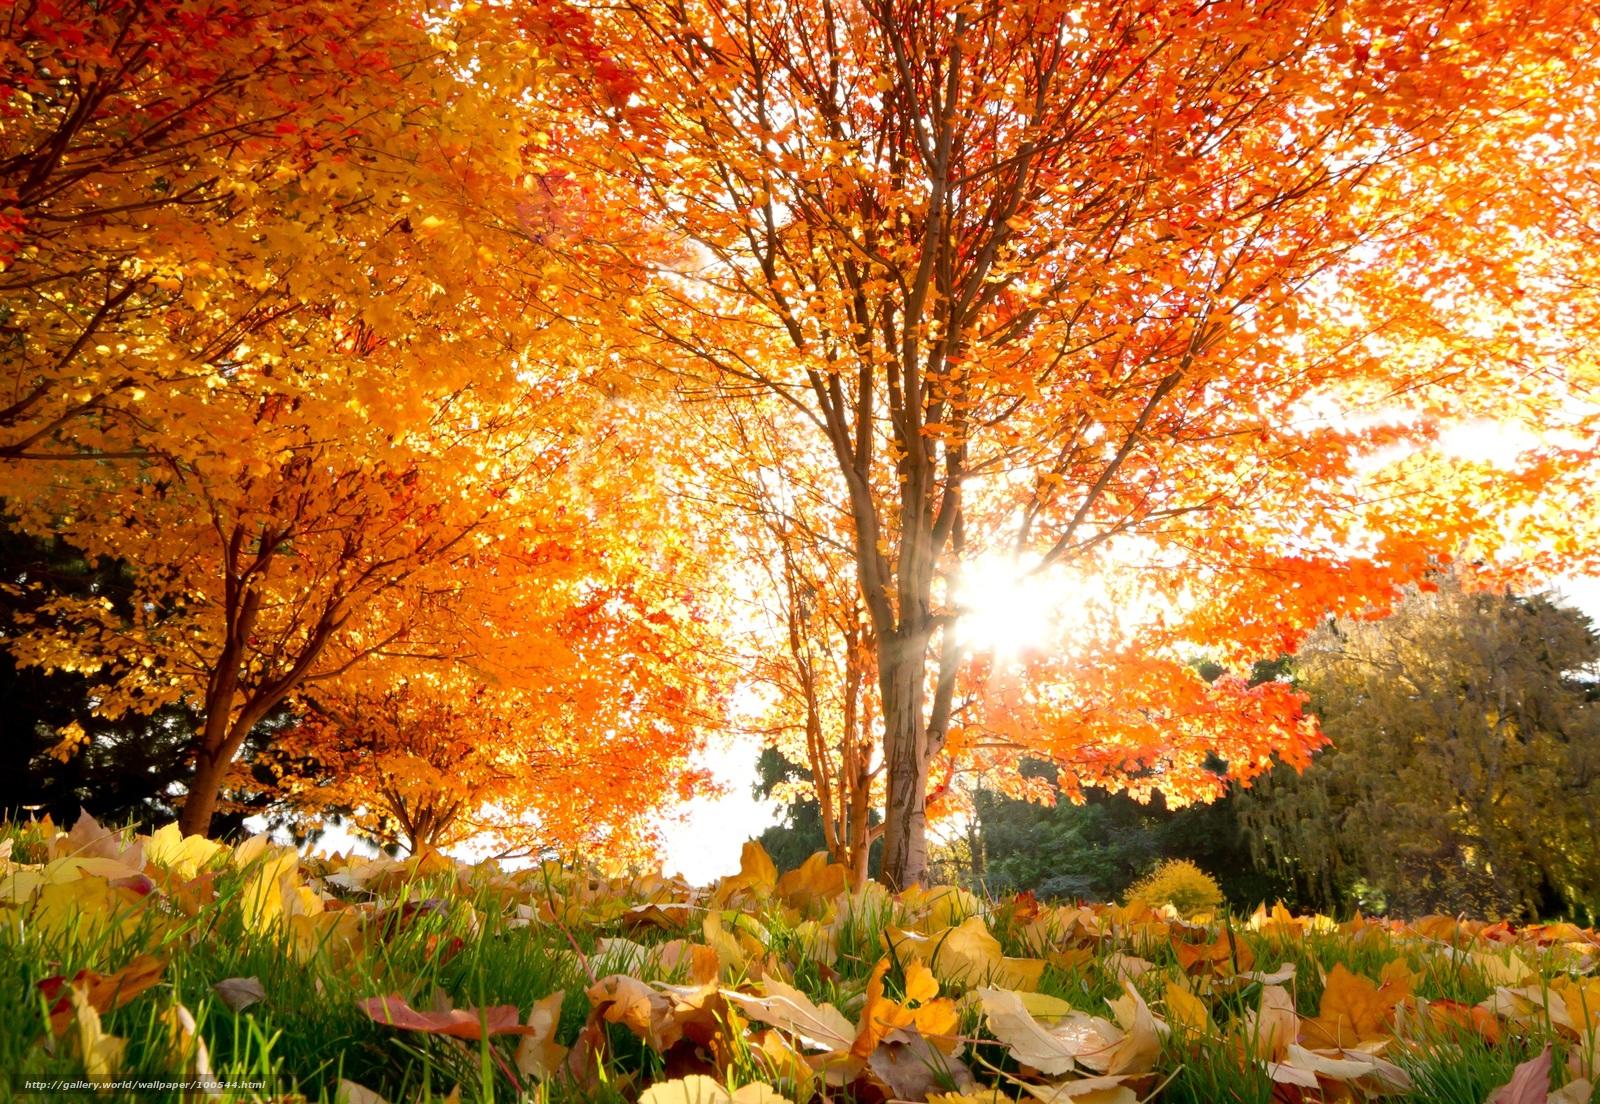 осень, красивые, деревья, кленовые, листья, фото, обои ...: http://koto-fot.ru/gdefon/kotofots/full/100544-kotofotsfull